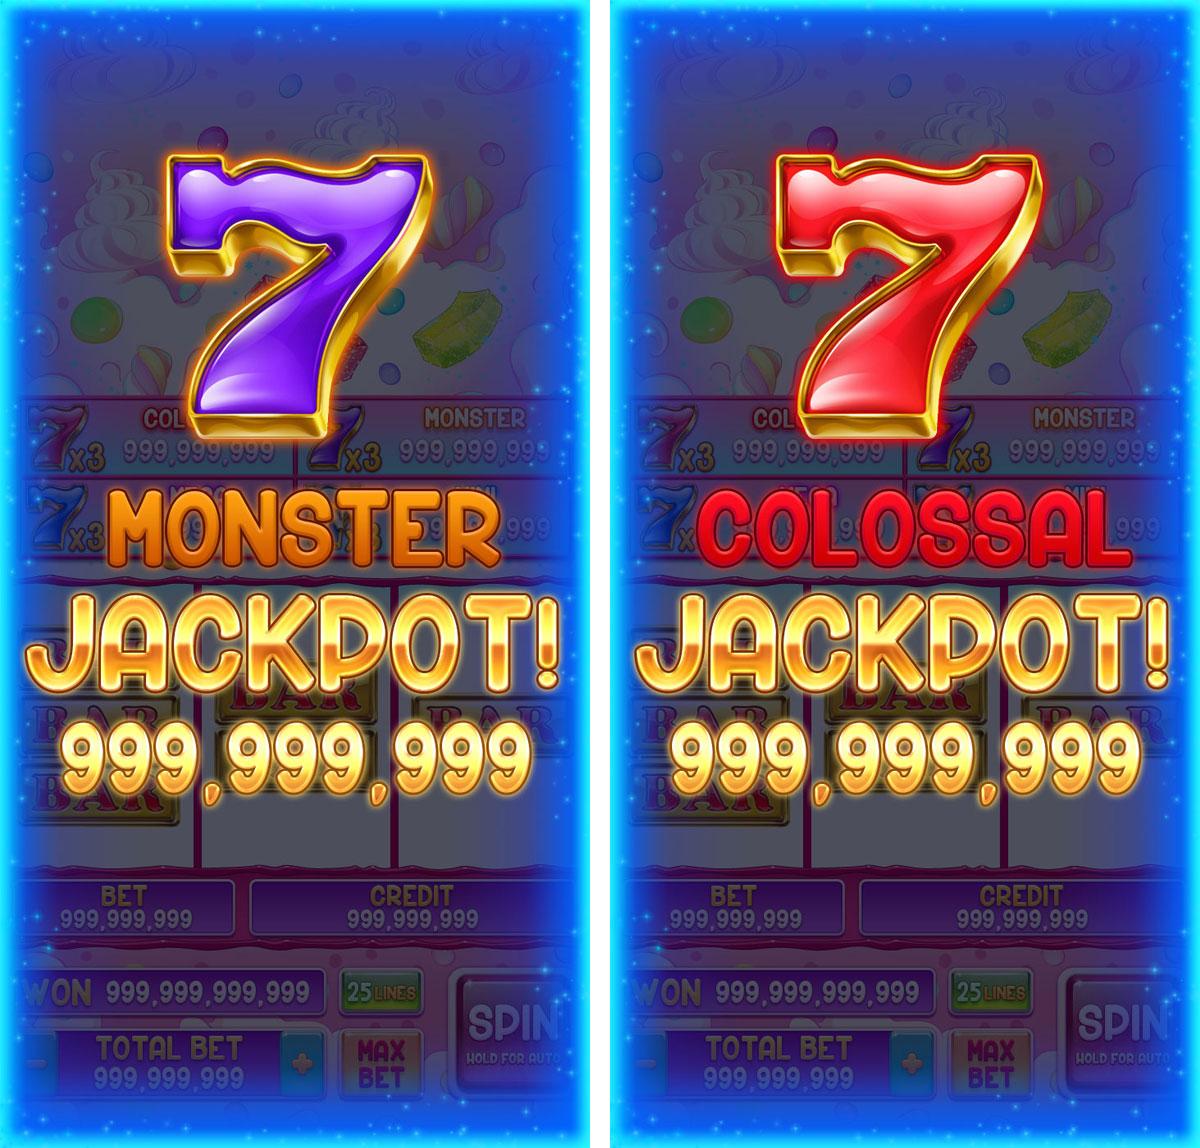 jelly_777_blog_jackpots-2